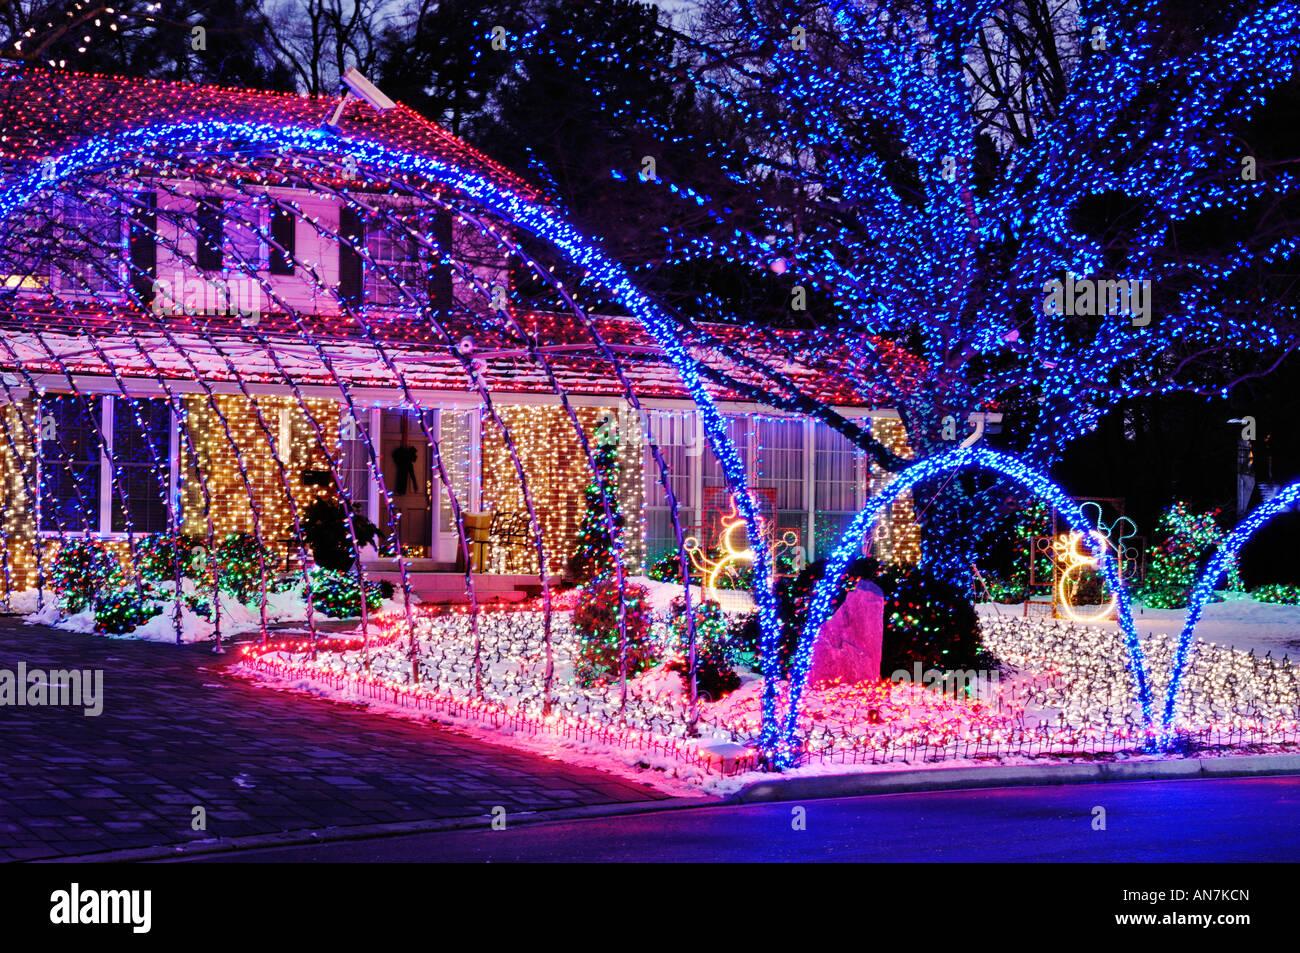 Fotos Casas Decoradas Navidad.Casa Decorada Con Coloridas Luces De Navidad Brilla En La